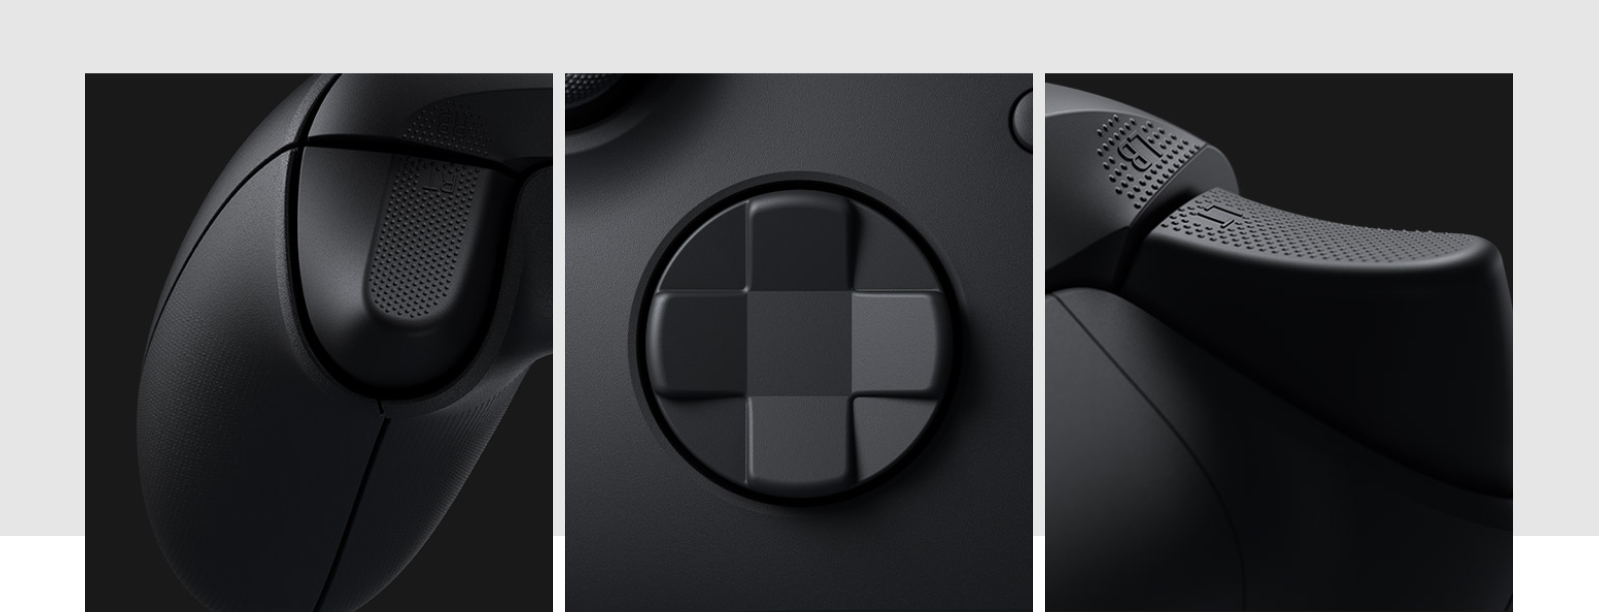 Tay cầm chơi game Xbox Series X Controller - Shock Blue có cụm D-Pad được thiết kế kiểu mới